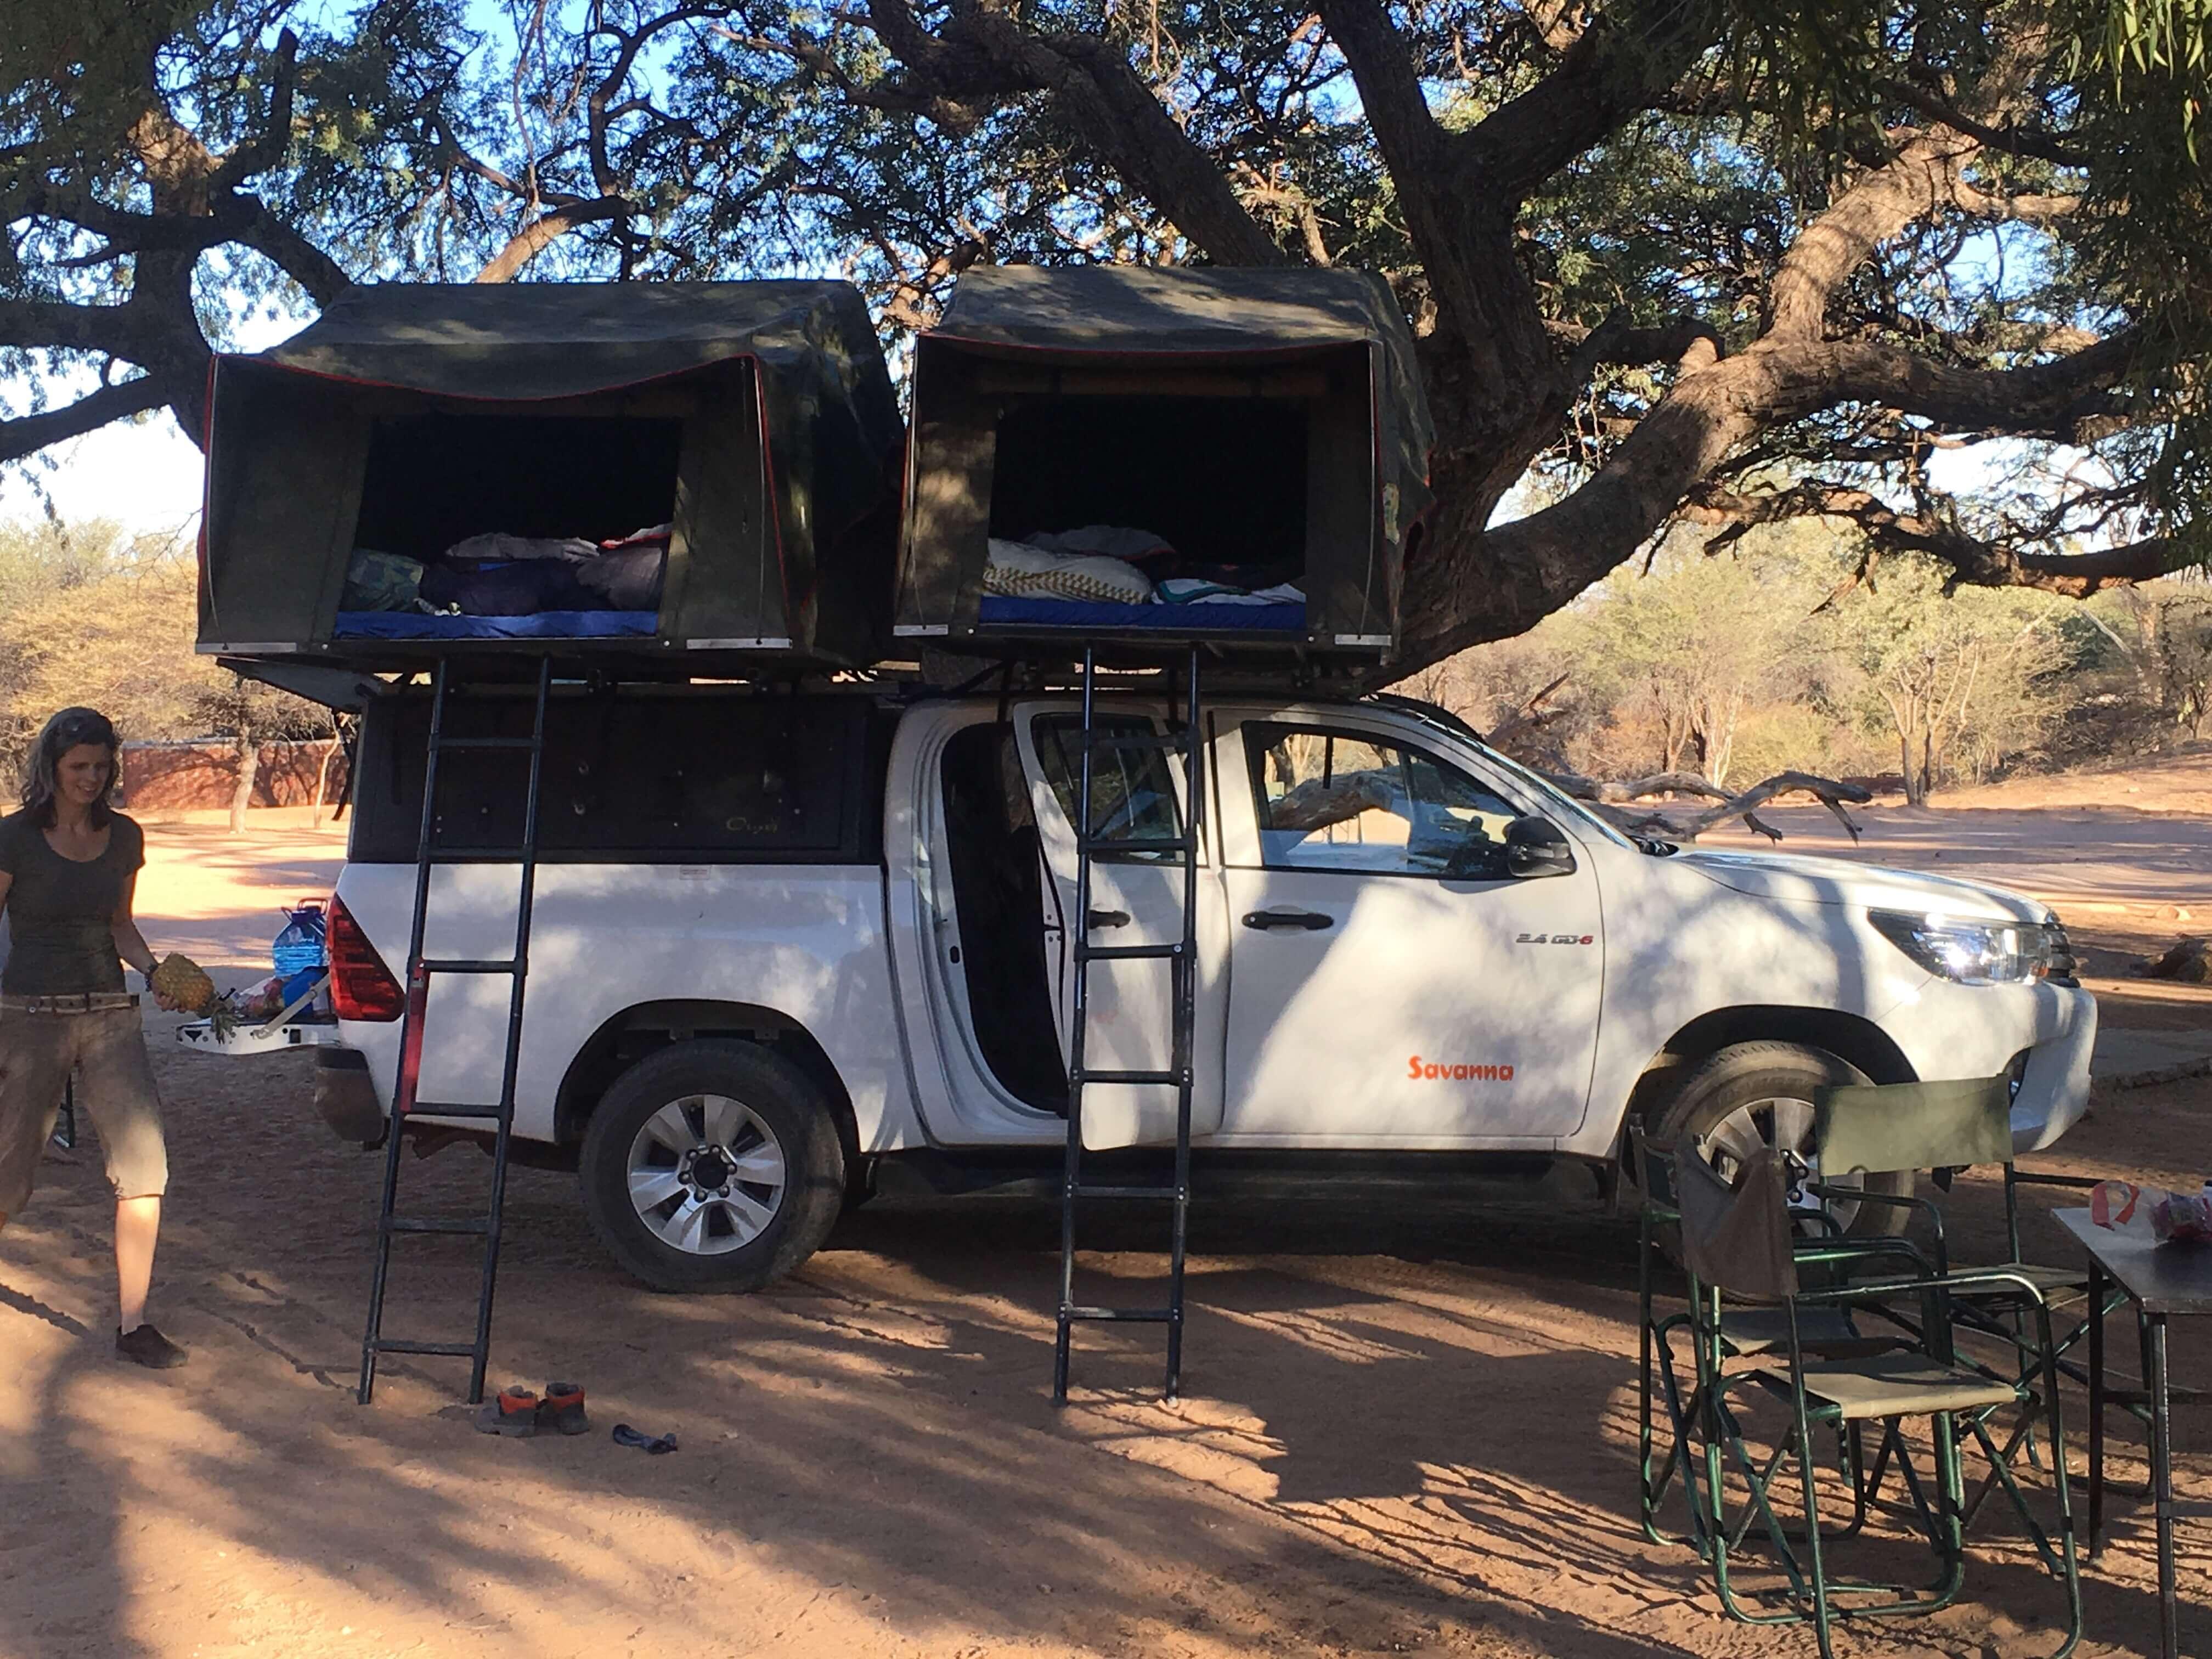 Familie van der Kolk in Namibië